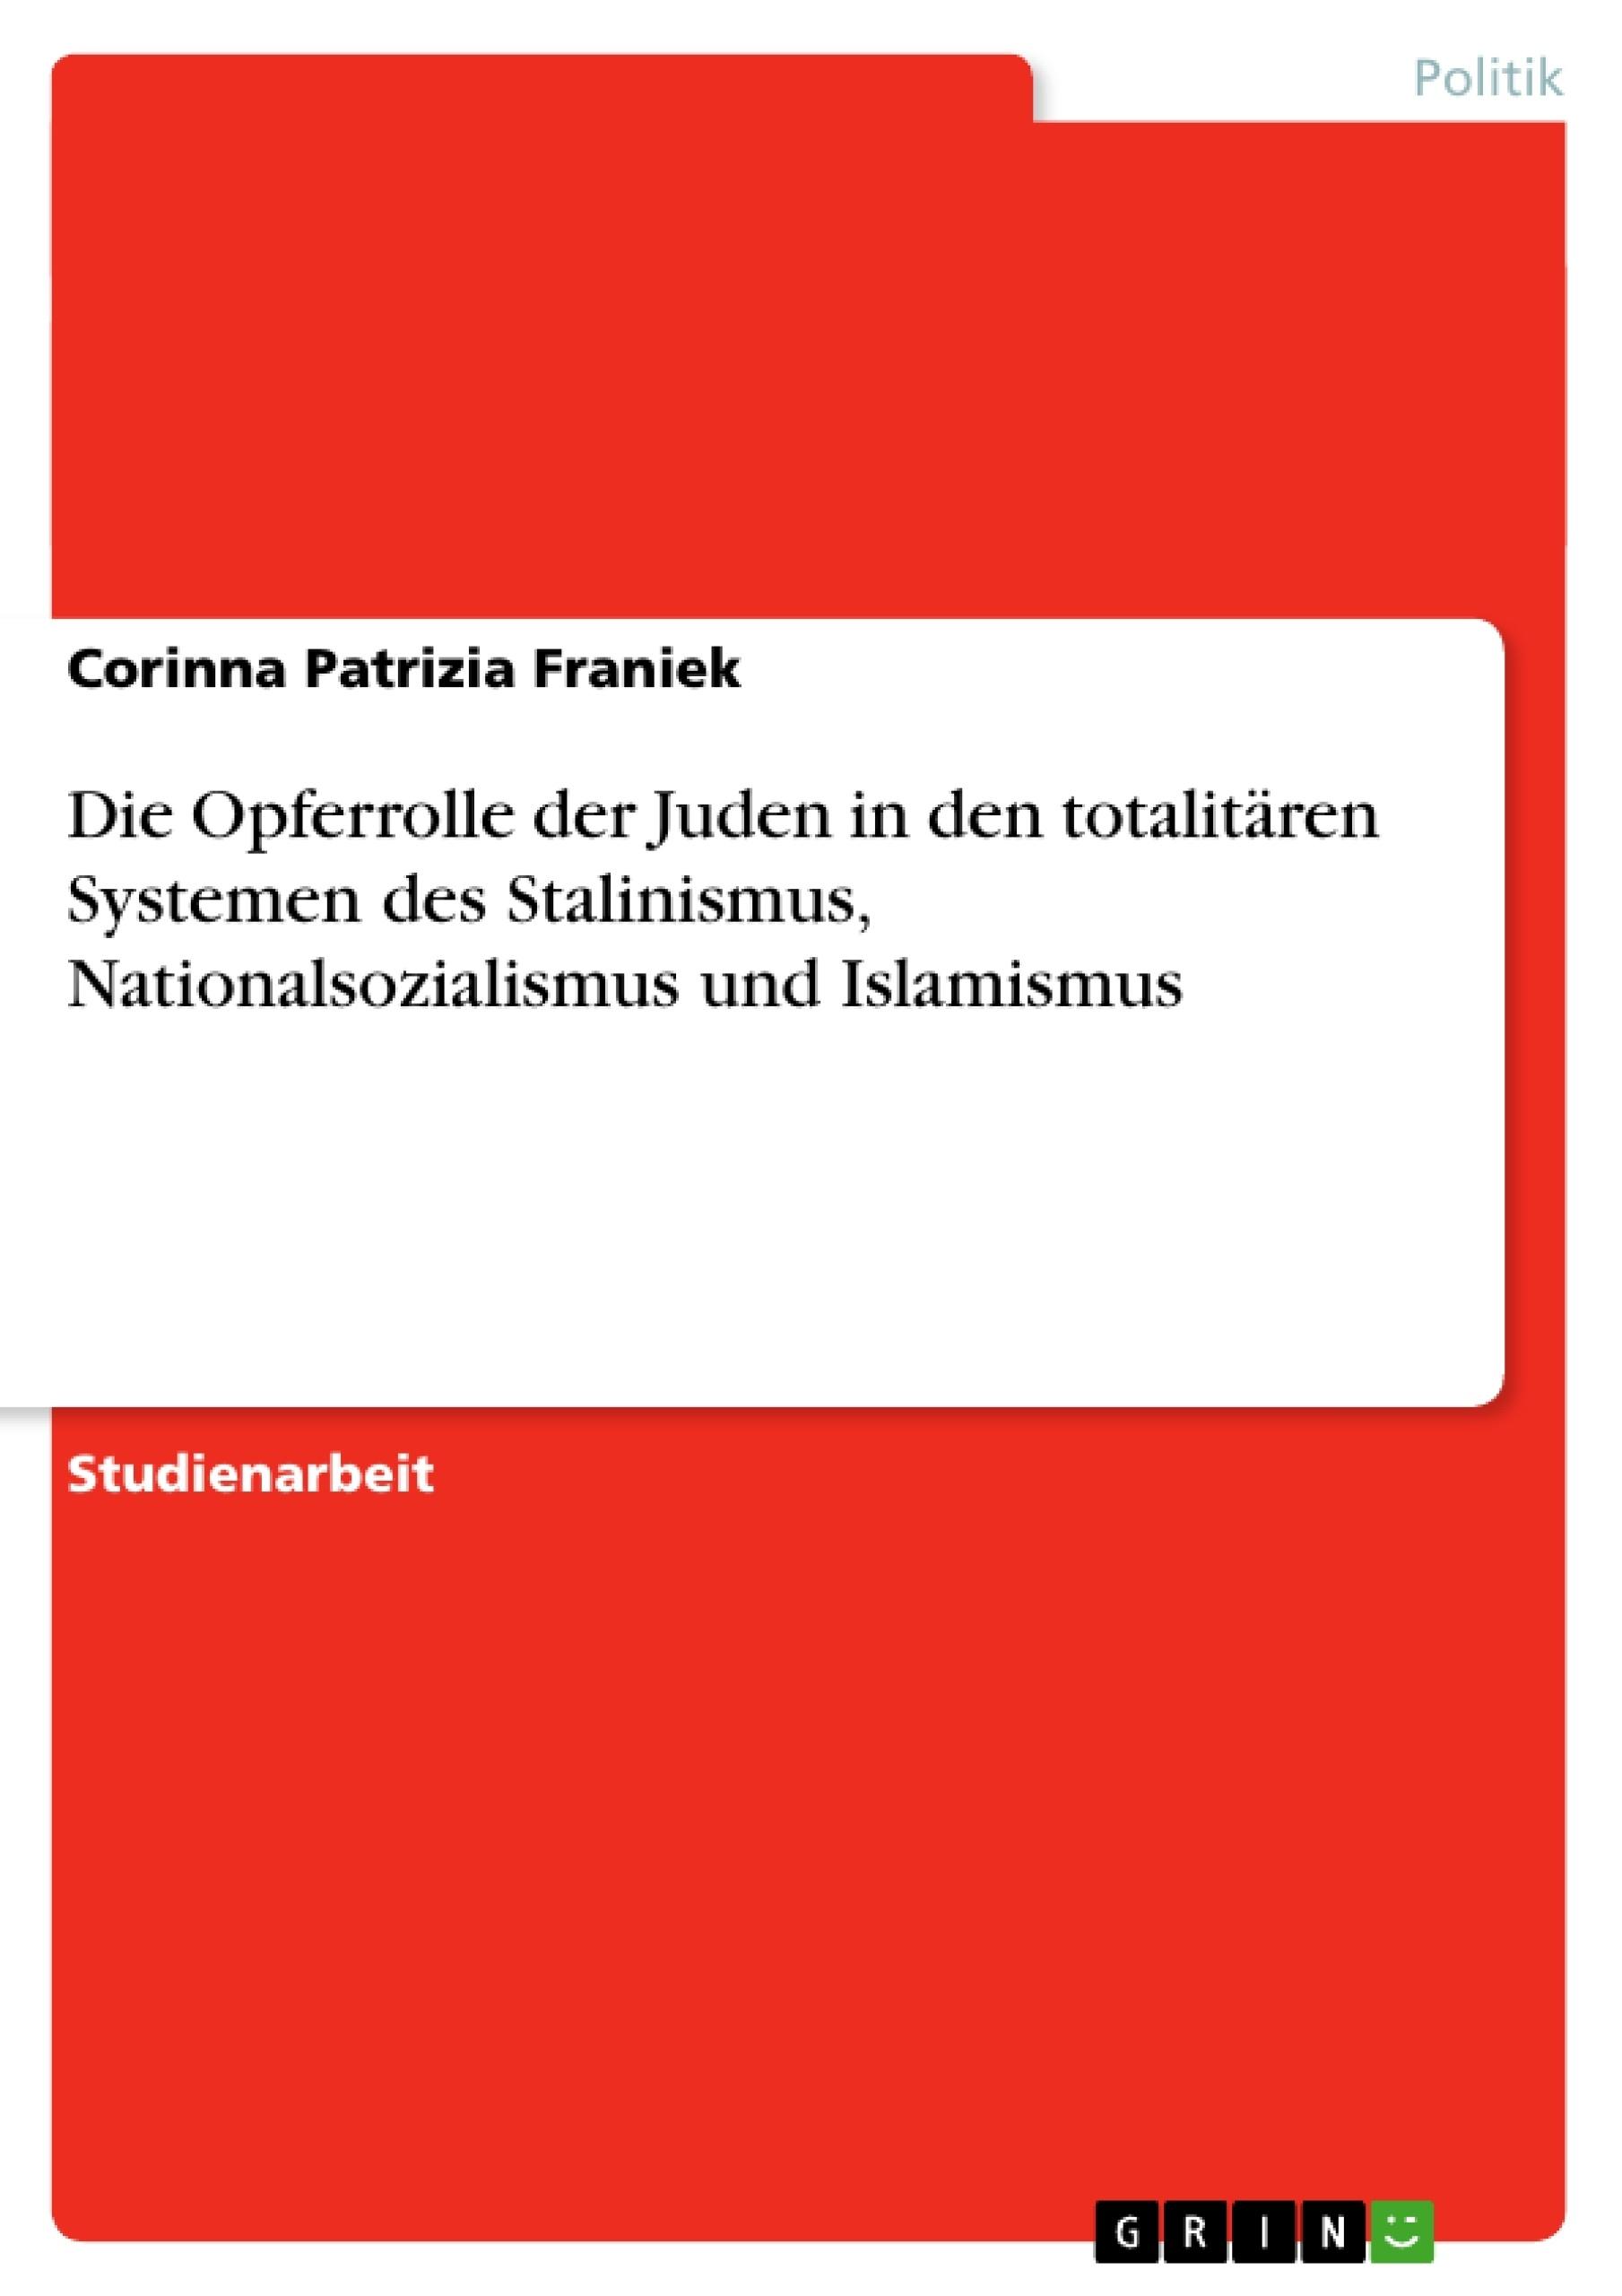 Titel: Die Opferrolle der Juden in den totalitären Systemen des Stalinismus, Nationalsozialismus und Islamismus